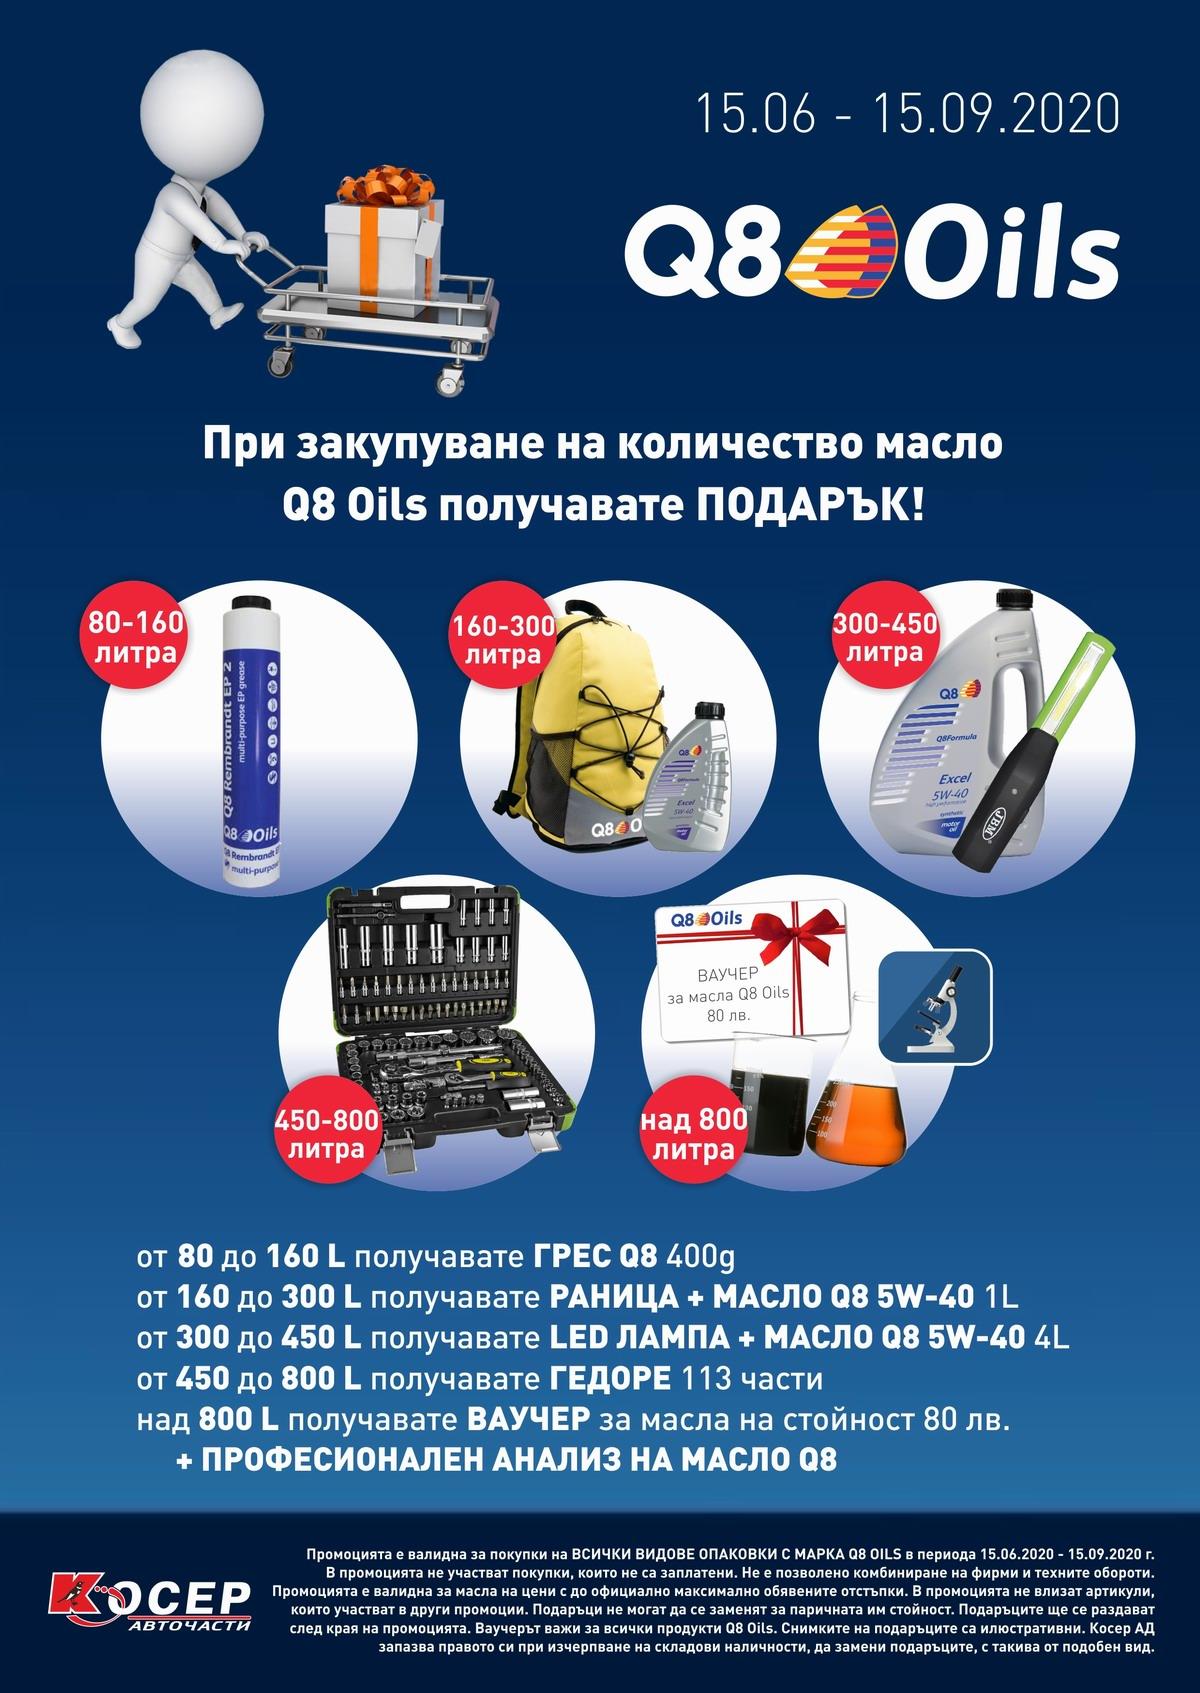 Промоция Q8 Oils, 15.06.2020 - 15.09.2020